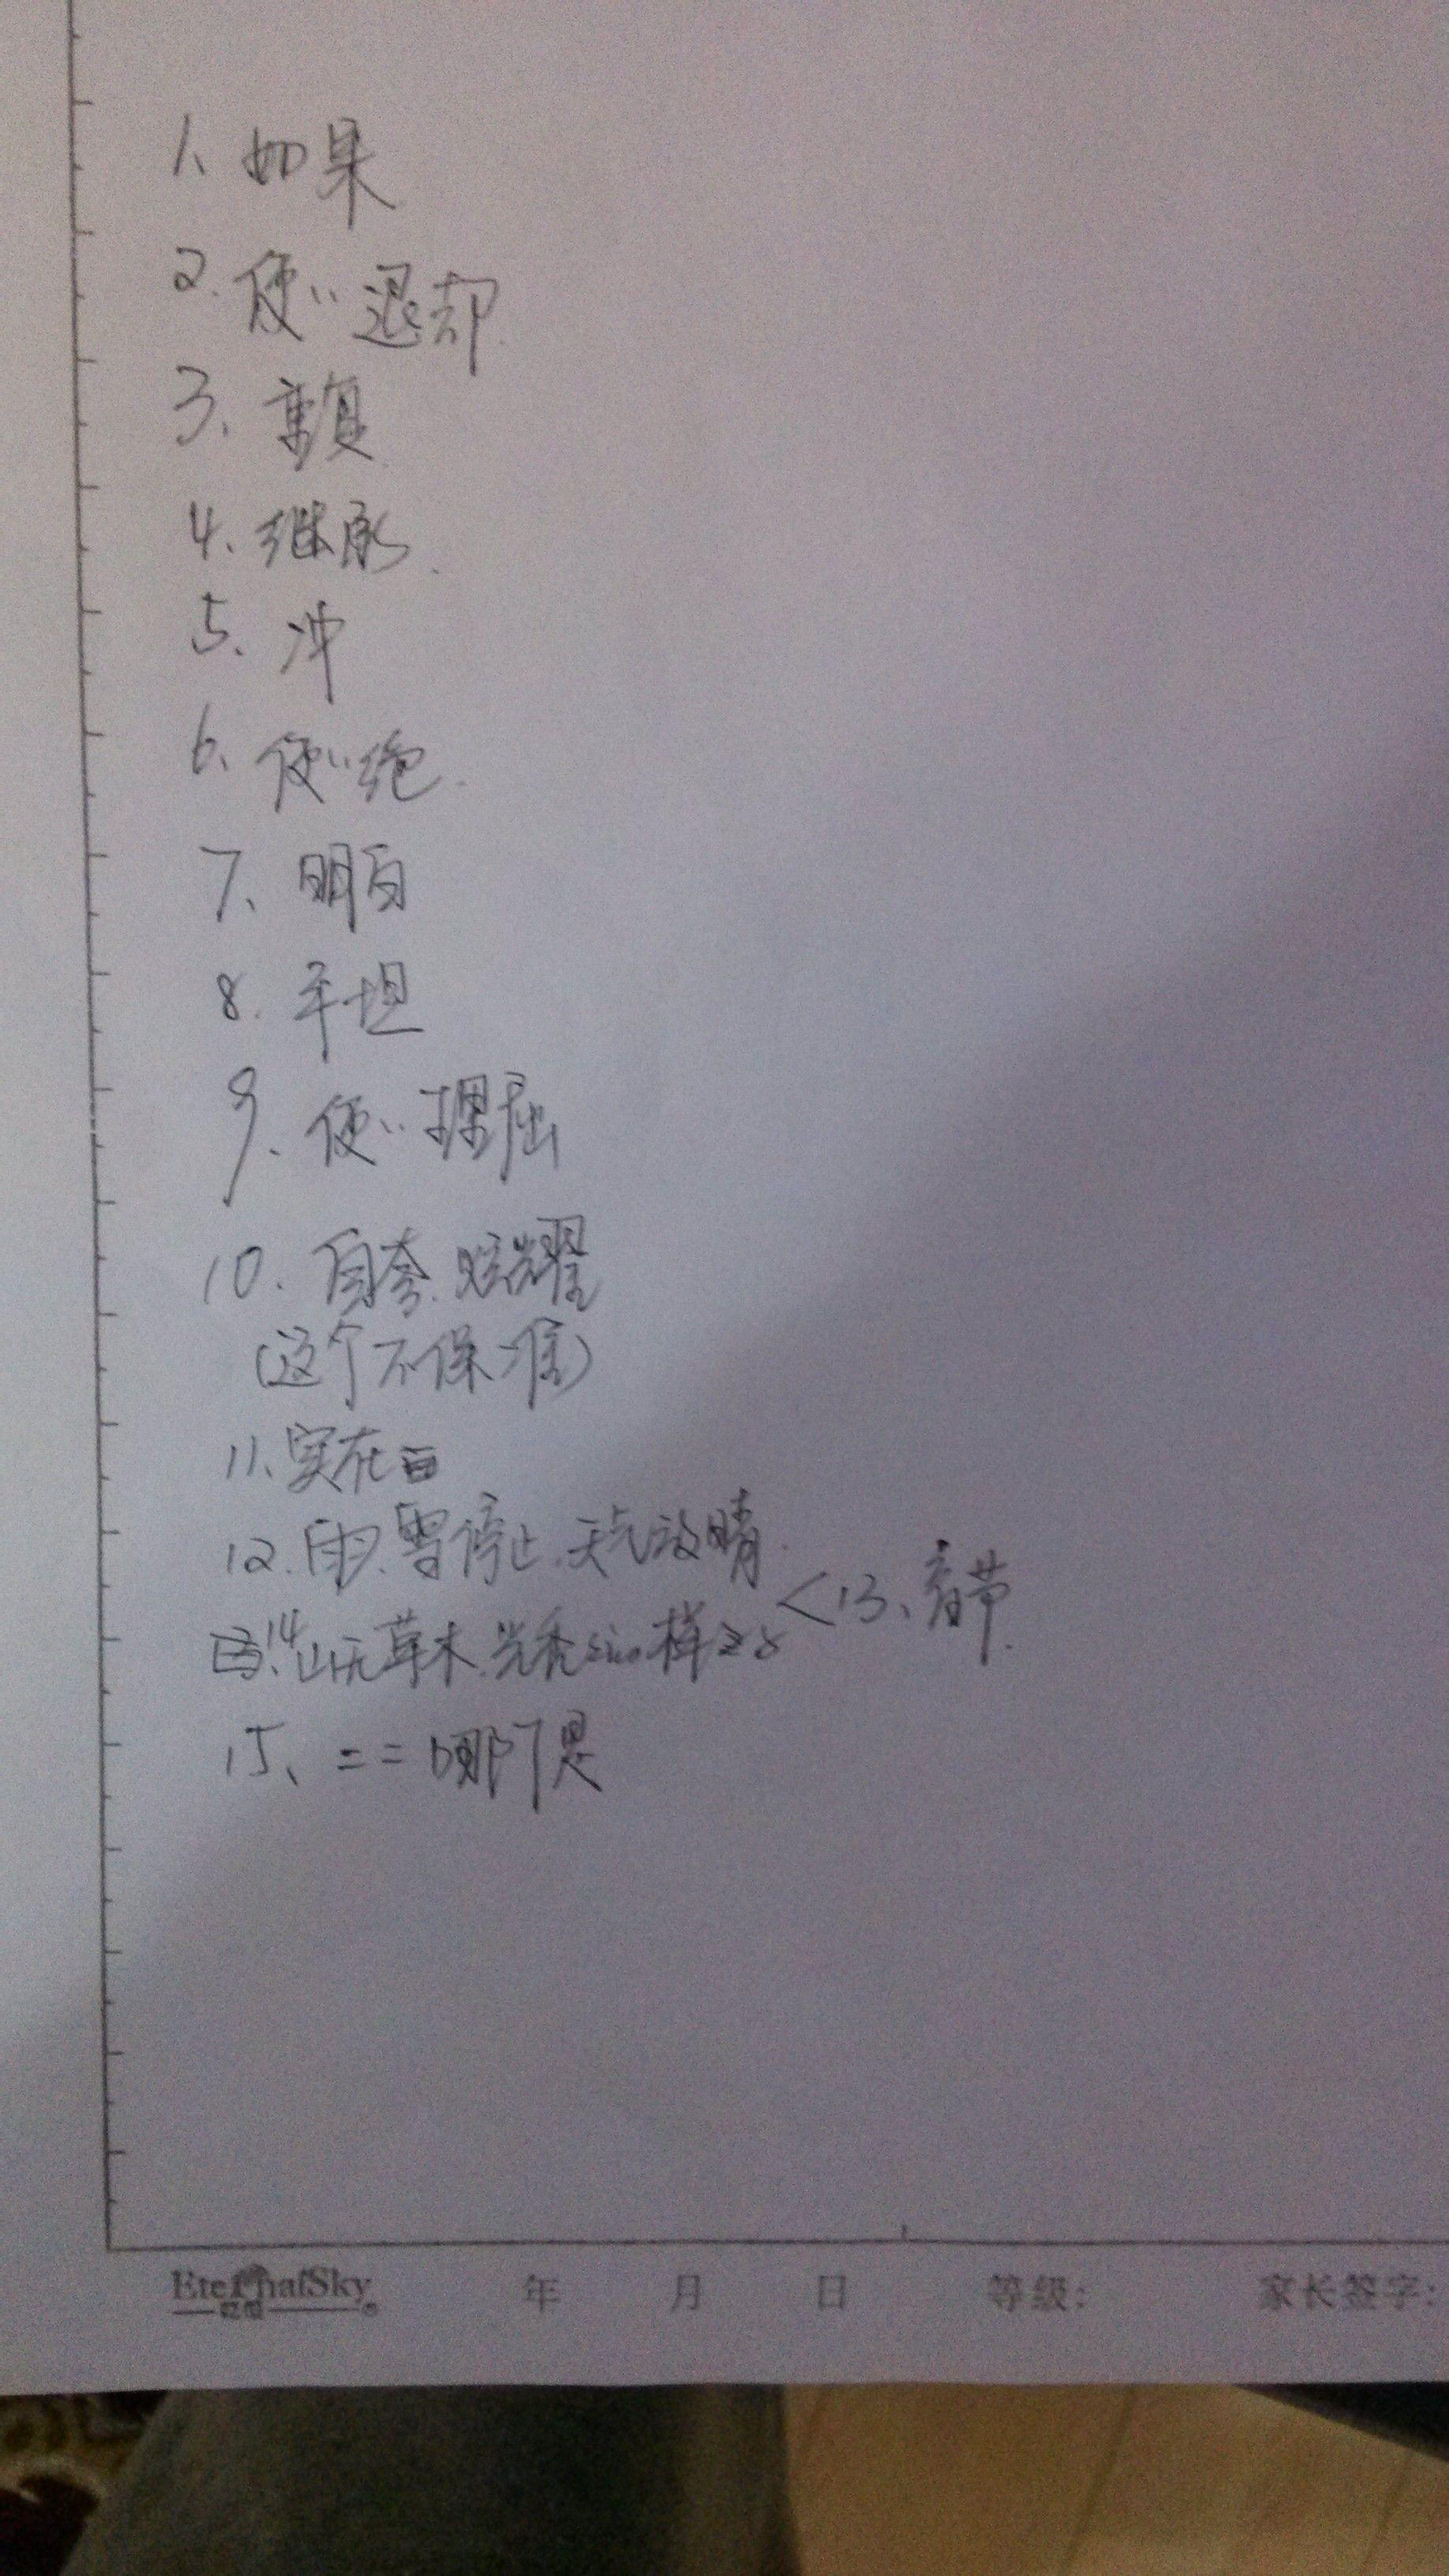 古文翻译_百度知道图片